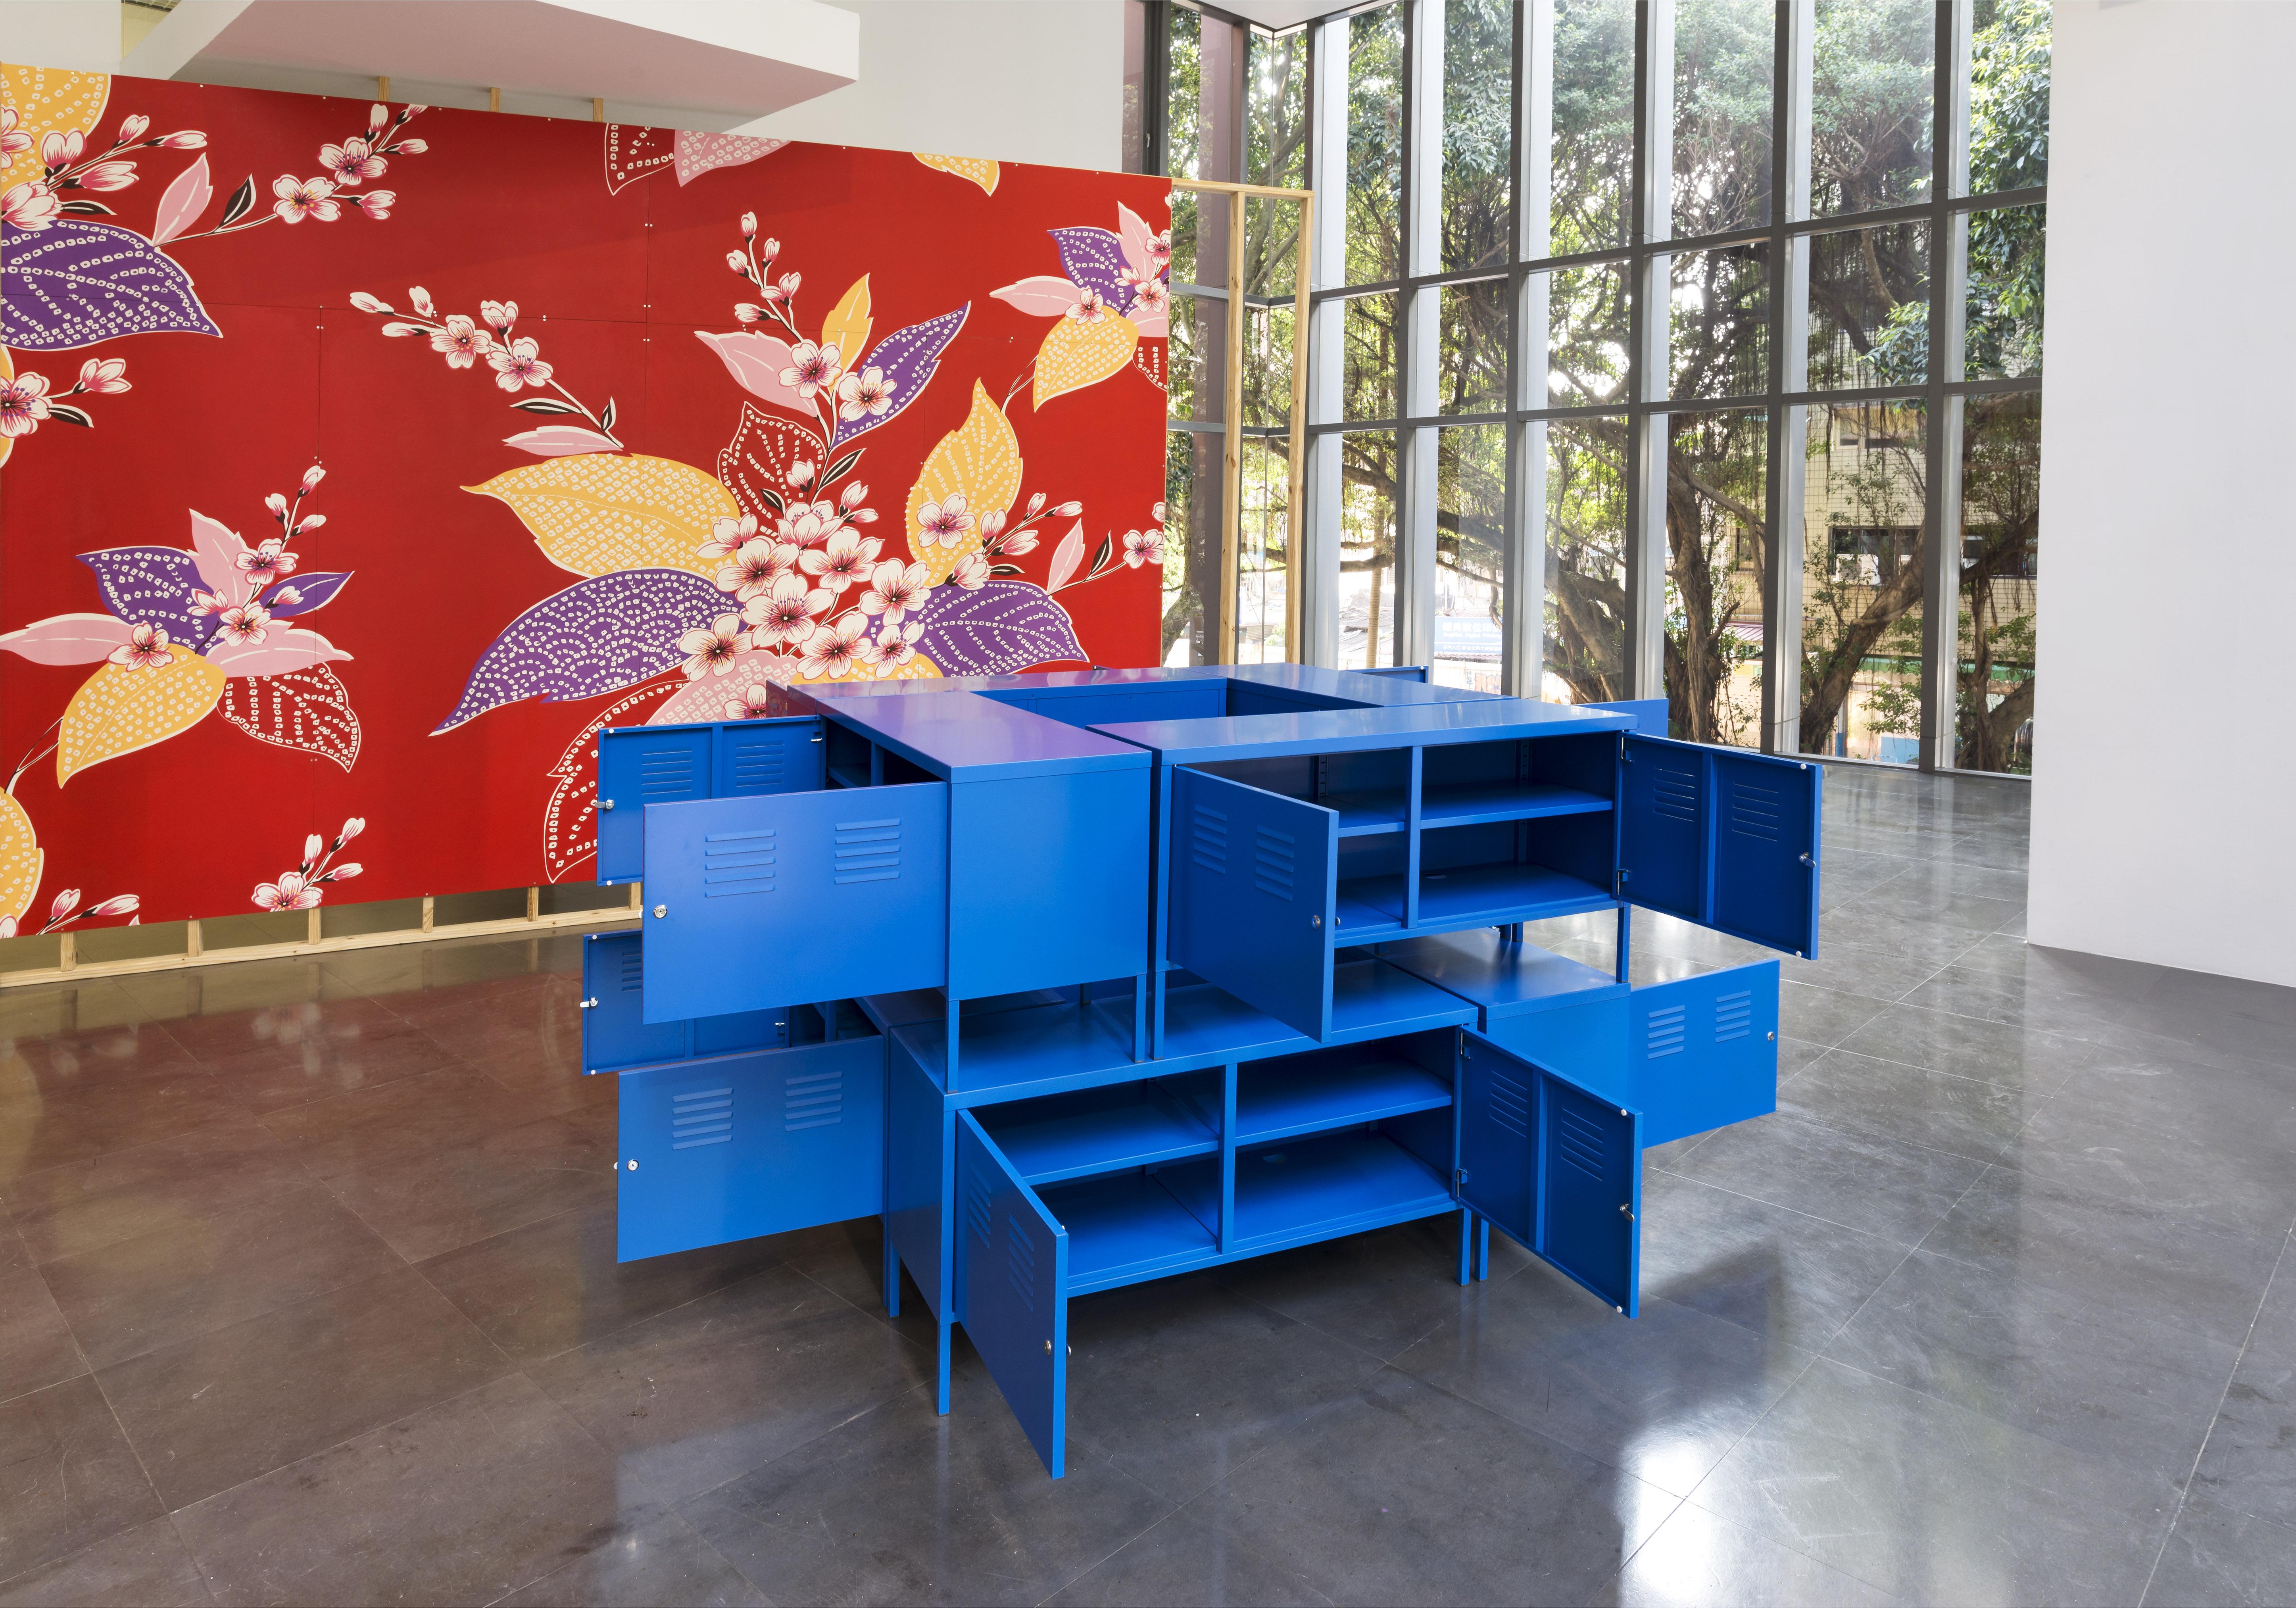 〈續林壽宇(IKEA PS)〉,2021,IKEA PSx8 圖片提供:MoNUTE北師美術館